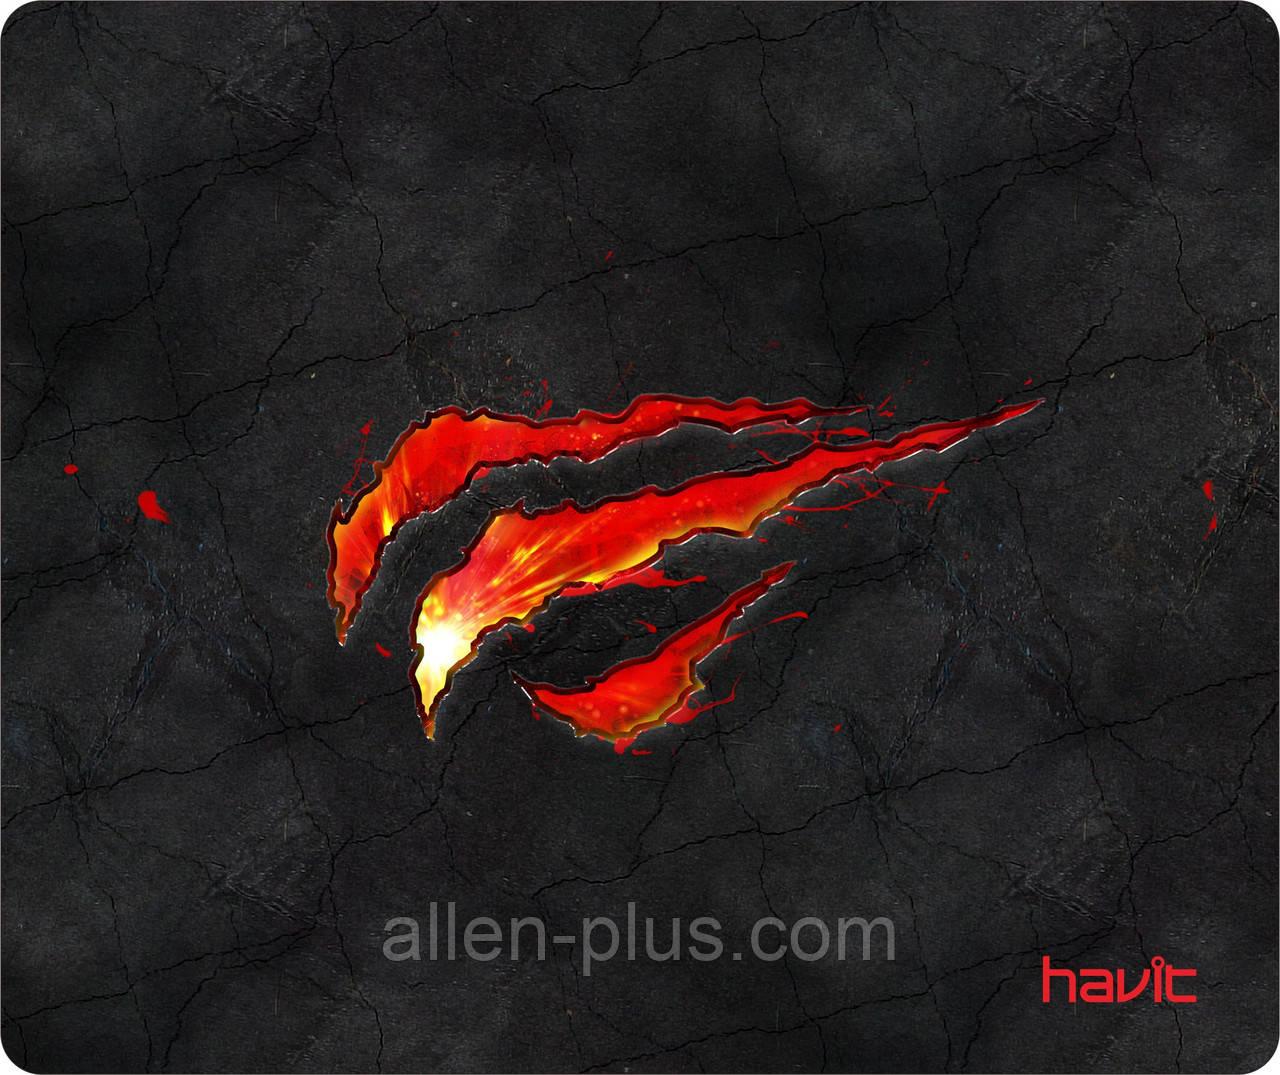 Коврик для мыши HAVIT HV-MP837, black (250x210x2mm)